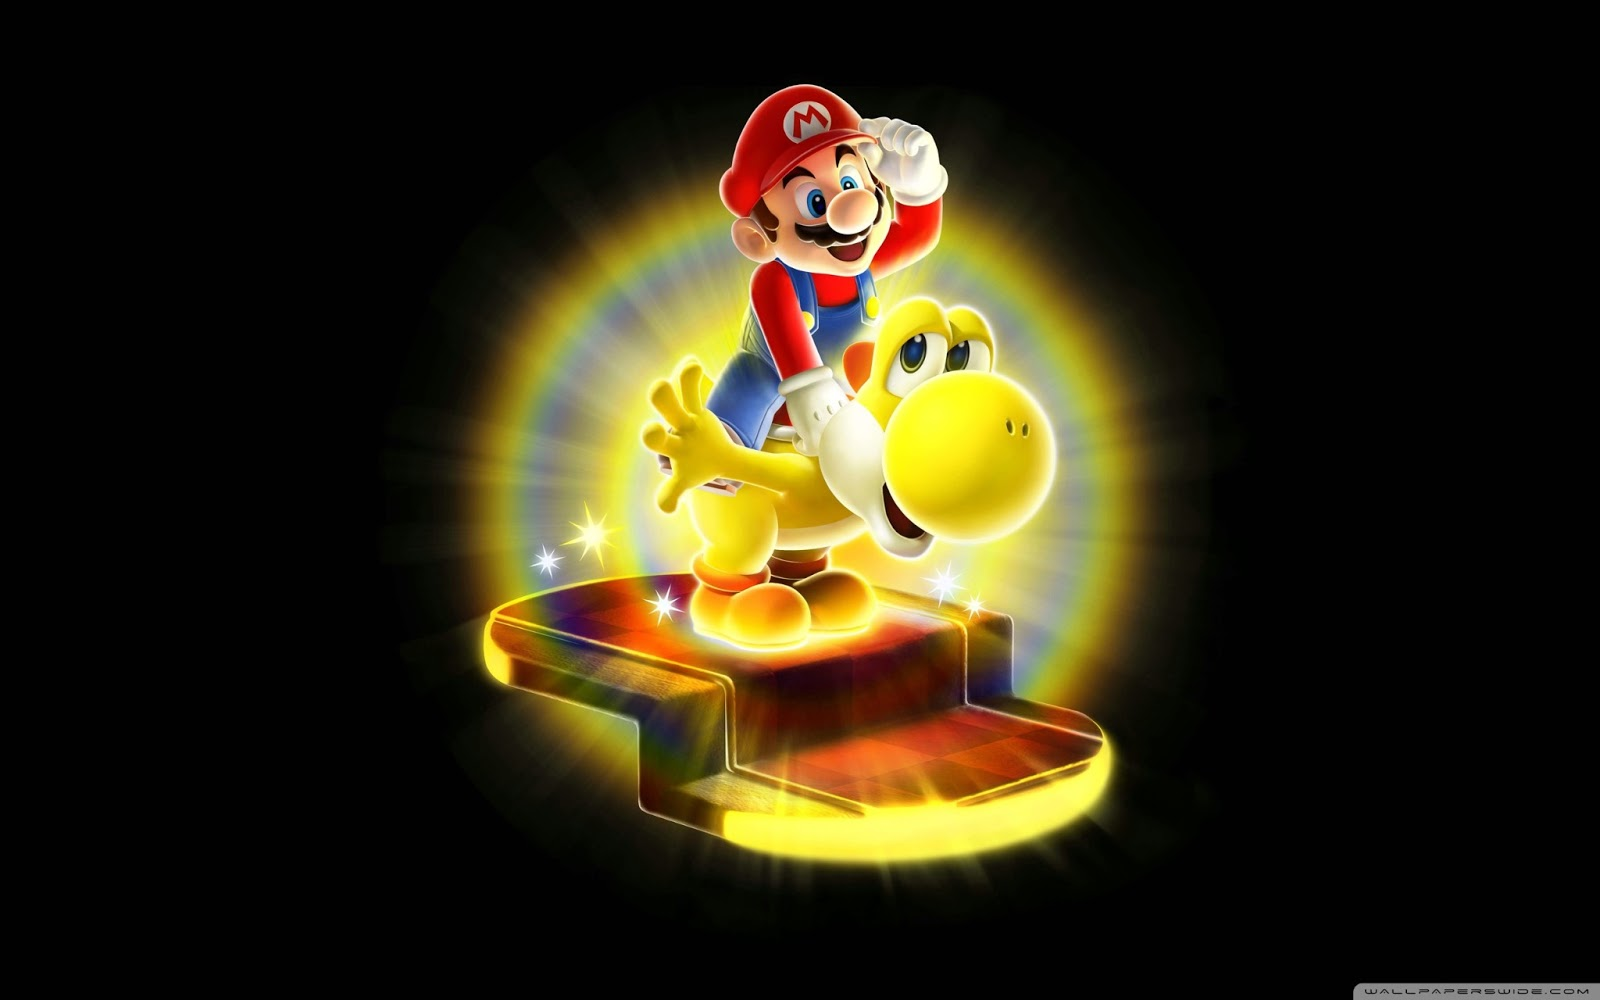 Super Mario Galaxy Wallpaper: Super Mario HD Desktop Wallpapers